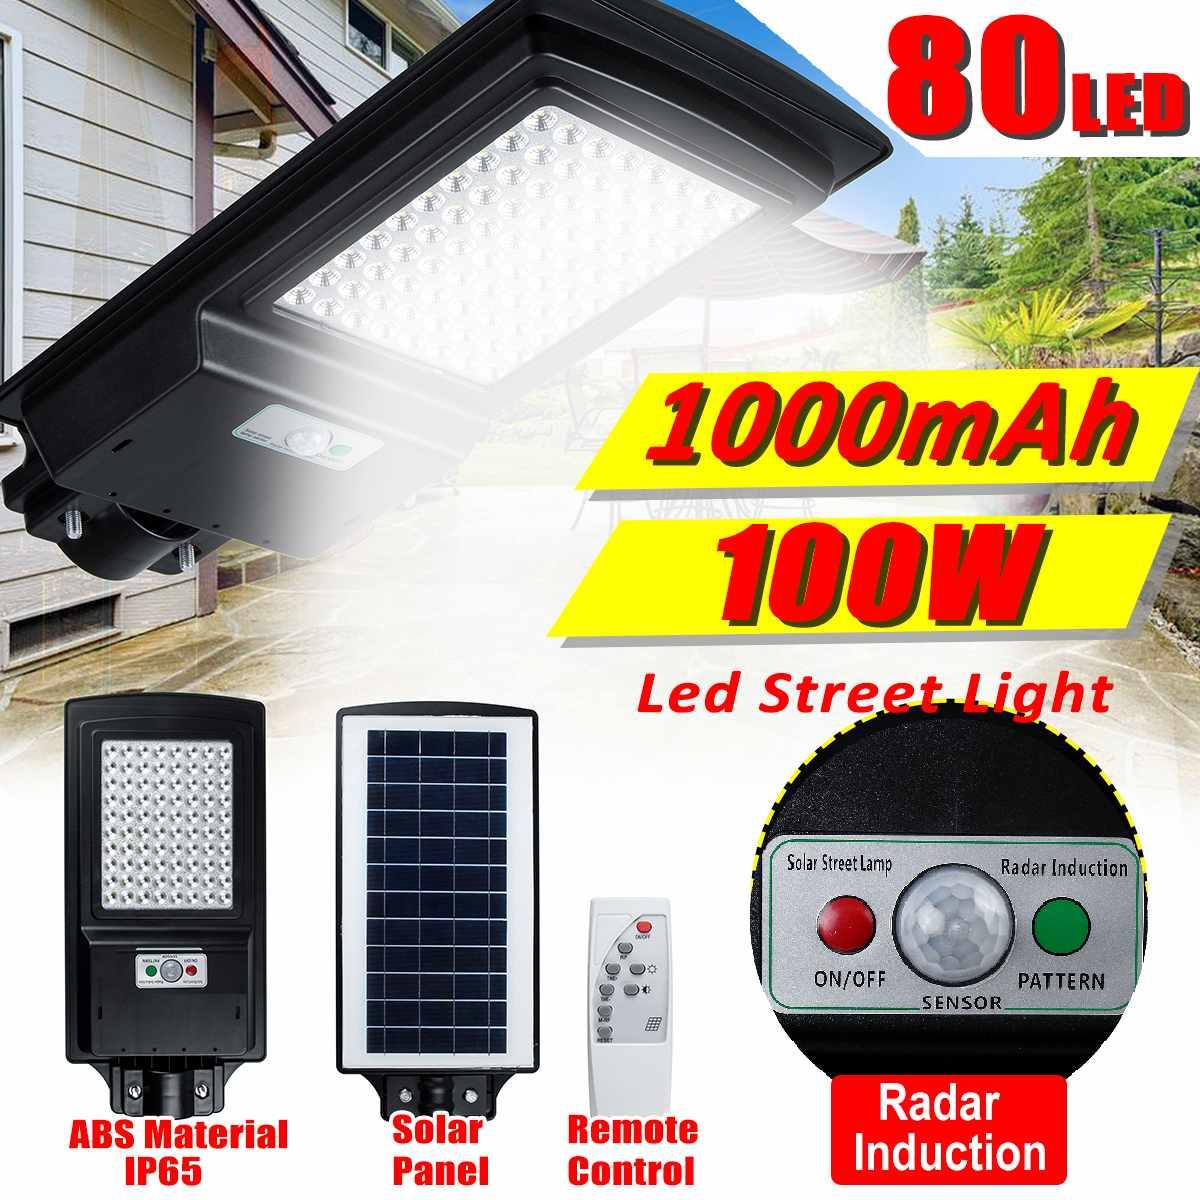 Lámpara de pared de inducción con Radar, 100W, 80 farola Solar LED, IP65, 1000mAh, lámpara de jardín, focos de luz Led blanca, farola